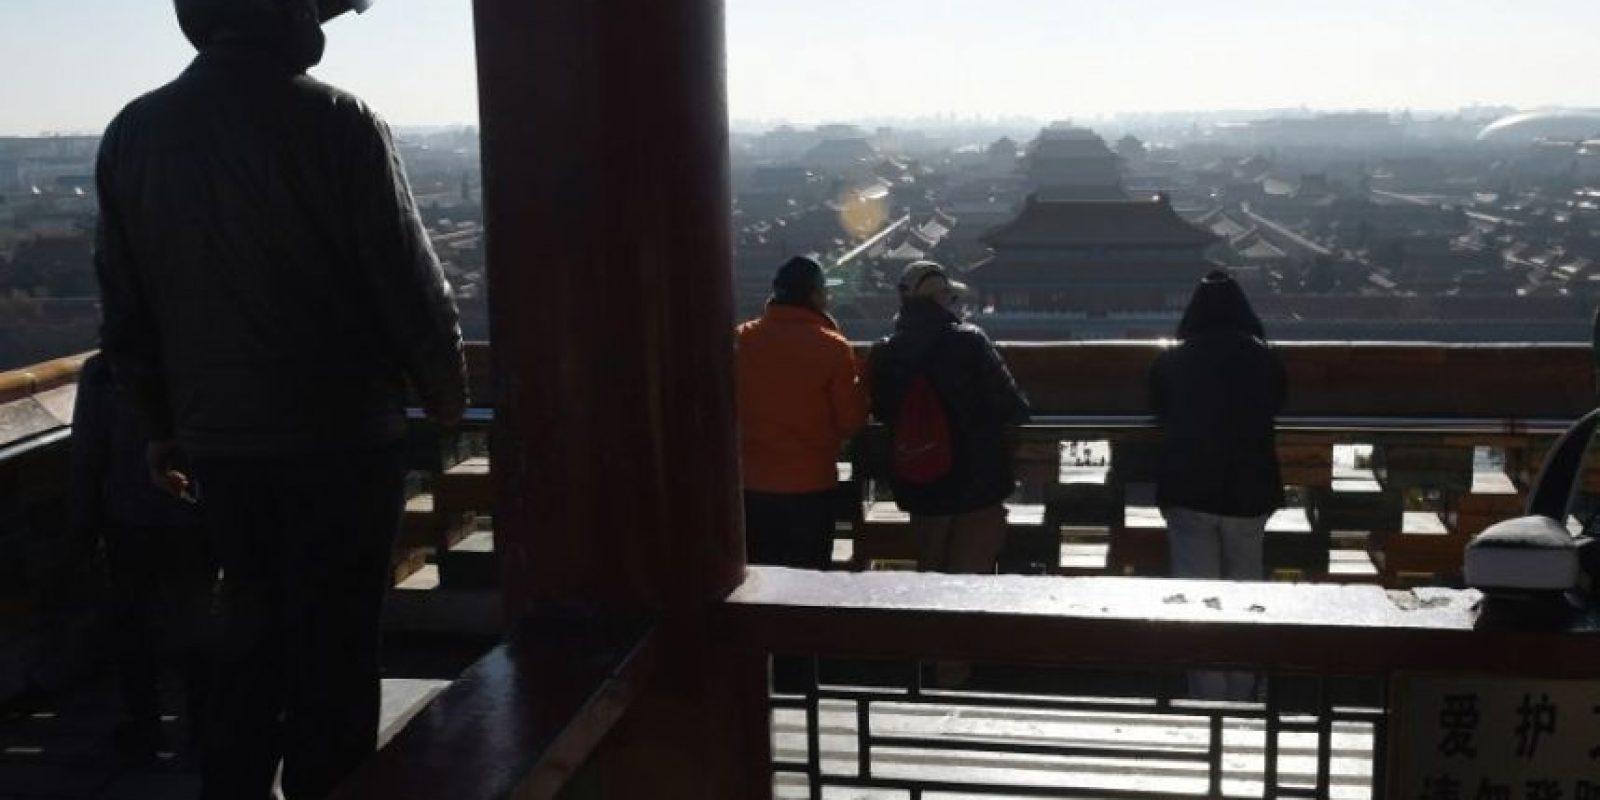 De acuerdo a la Organización Mundial de la Salud, una ciudad segura debe registrar máximo 25 microgramos por metro cúbico de partículas PM 2.5 Foto:AFP